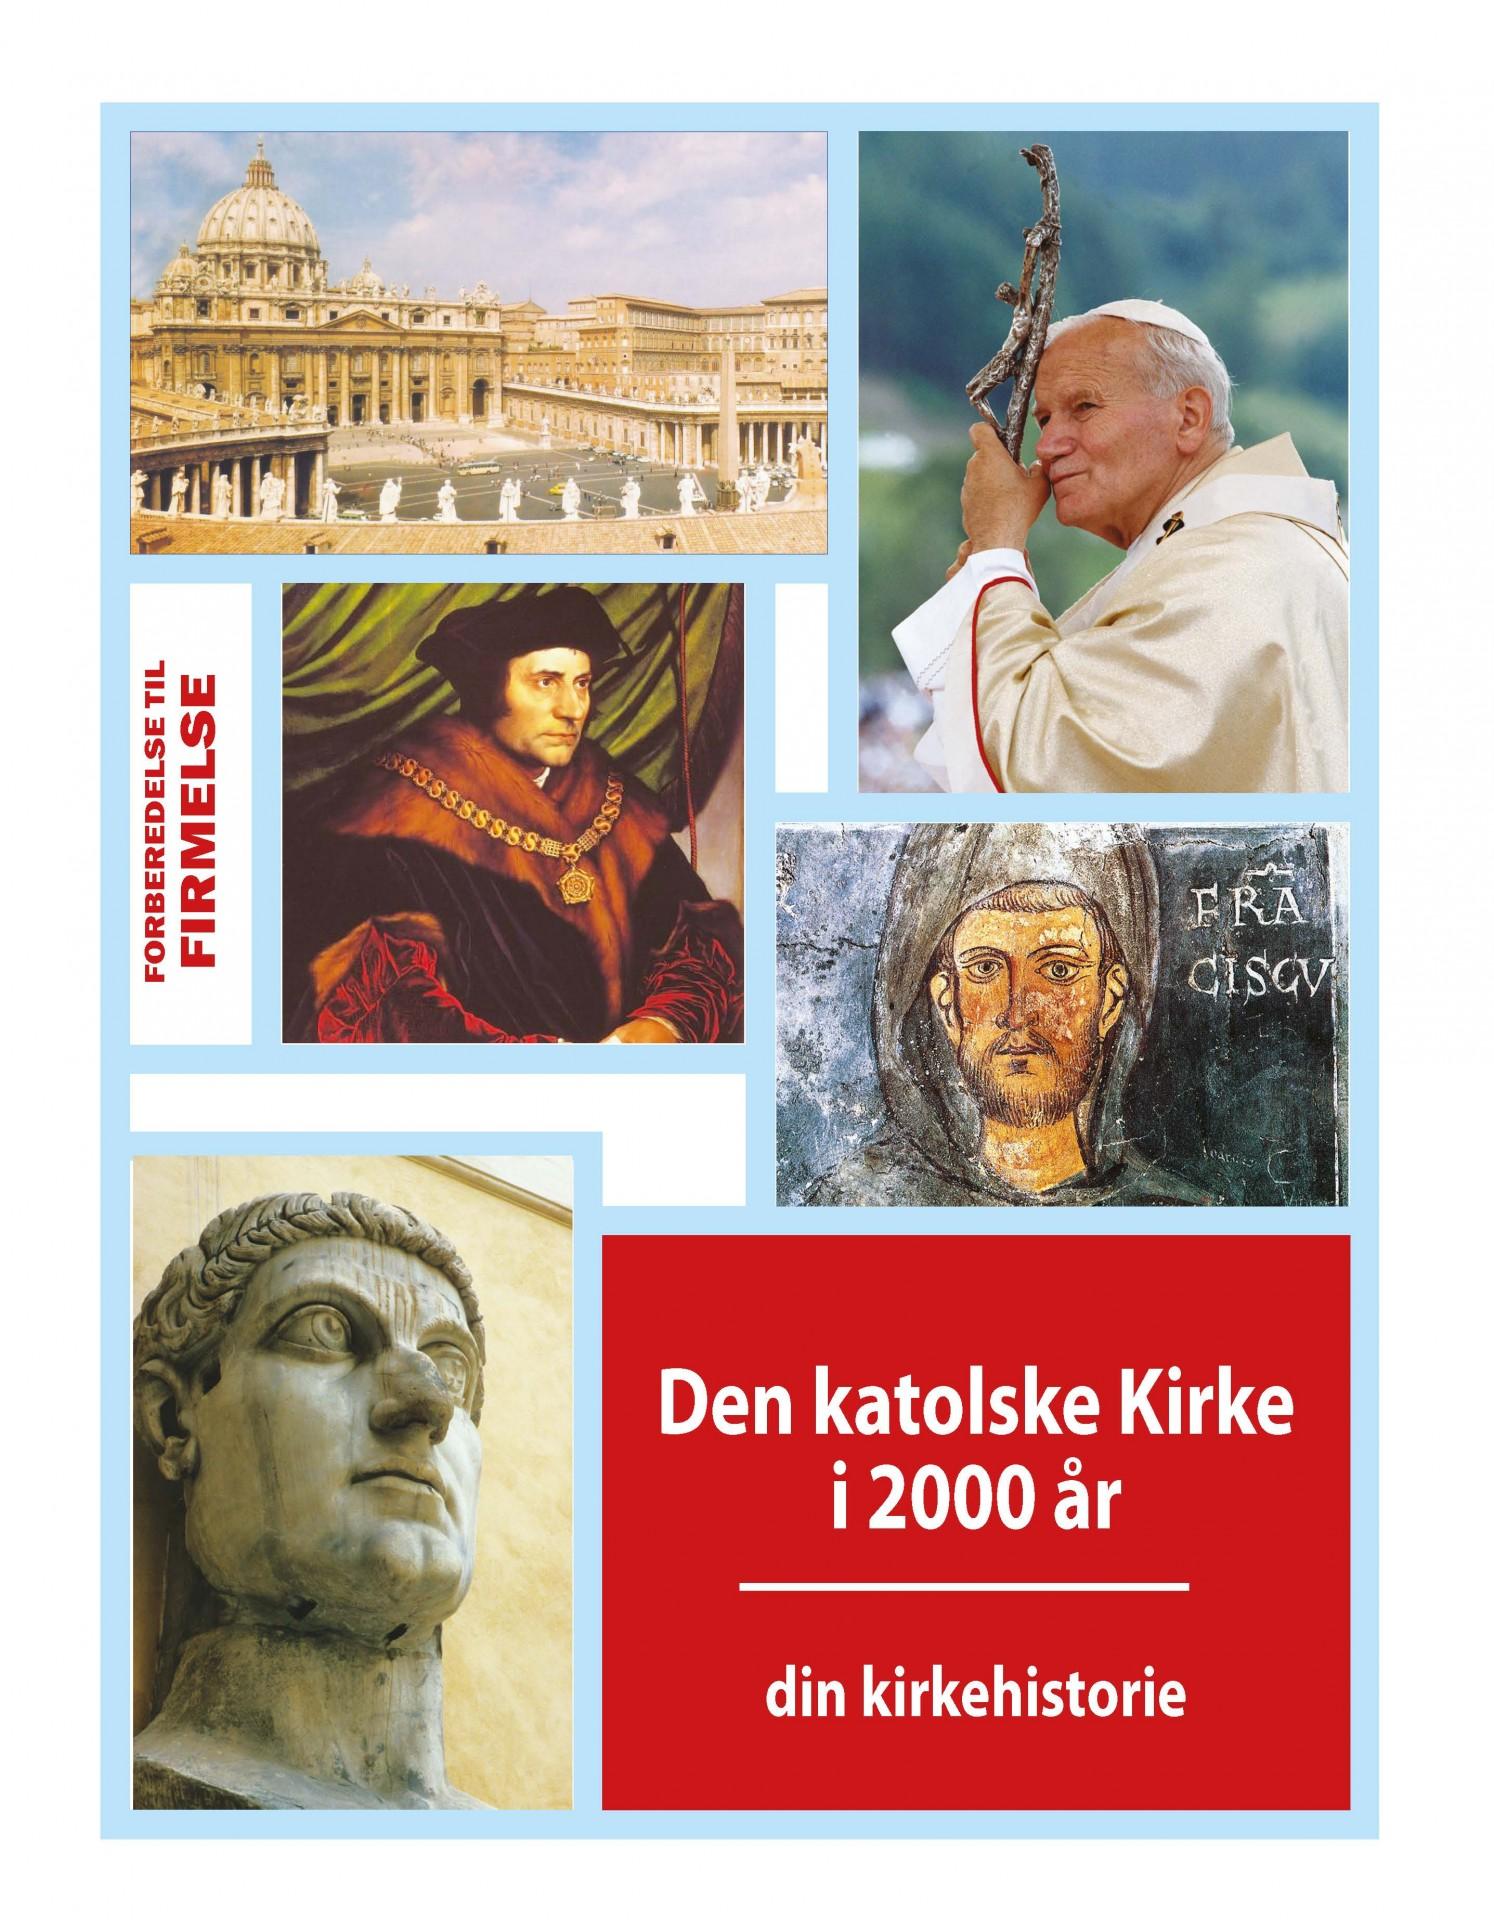 Torben Riis: Den katolske Kirke i 2000 år - din kirkehistorie